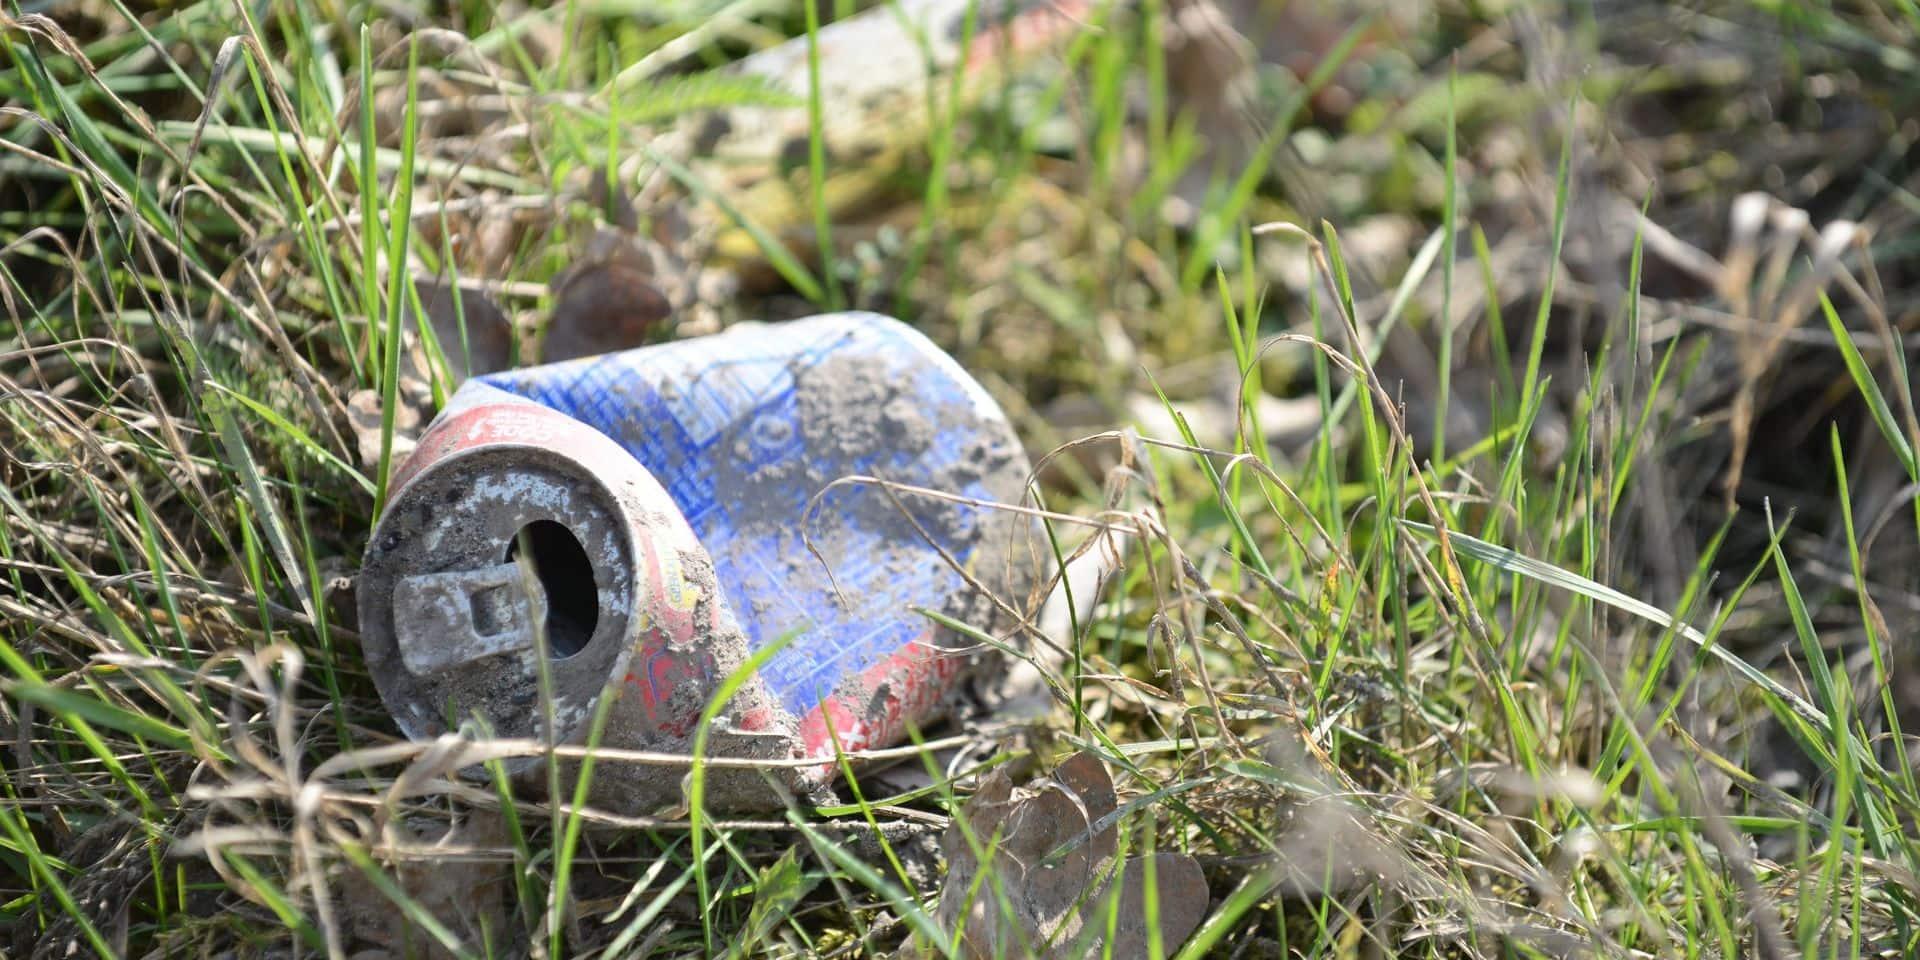 Saint-Josse : 12 millions d'euros pour la propreté publique